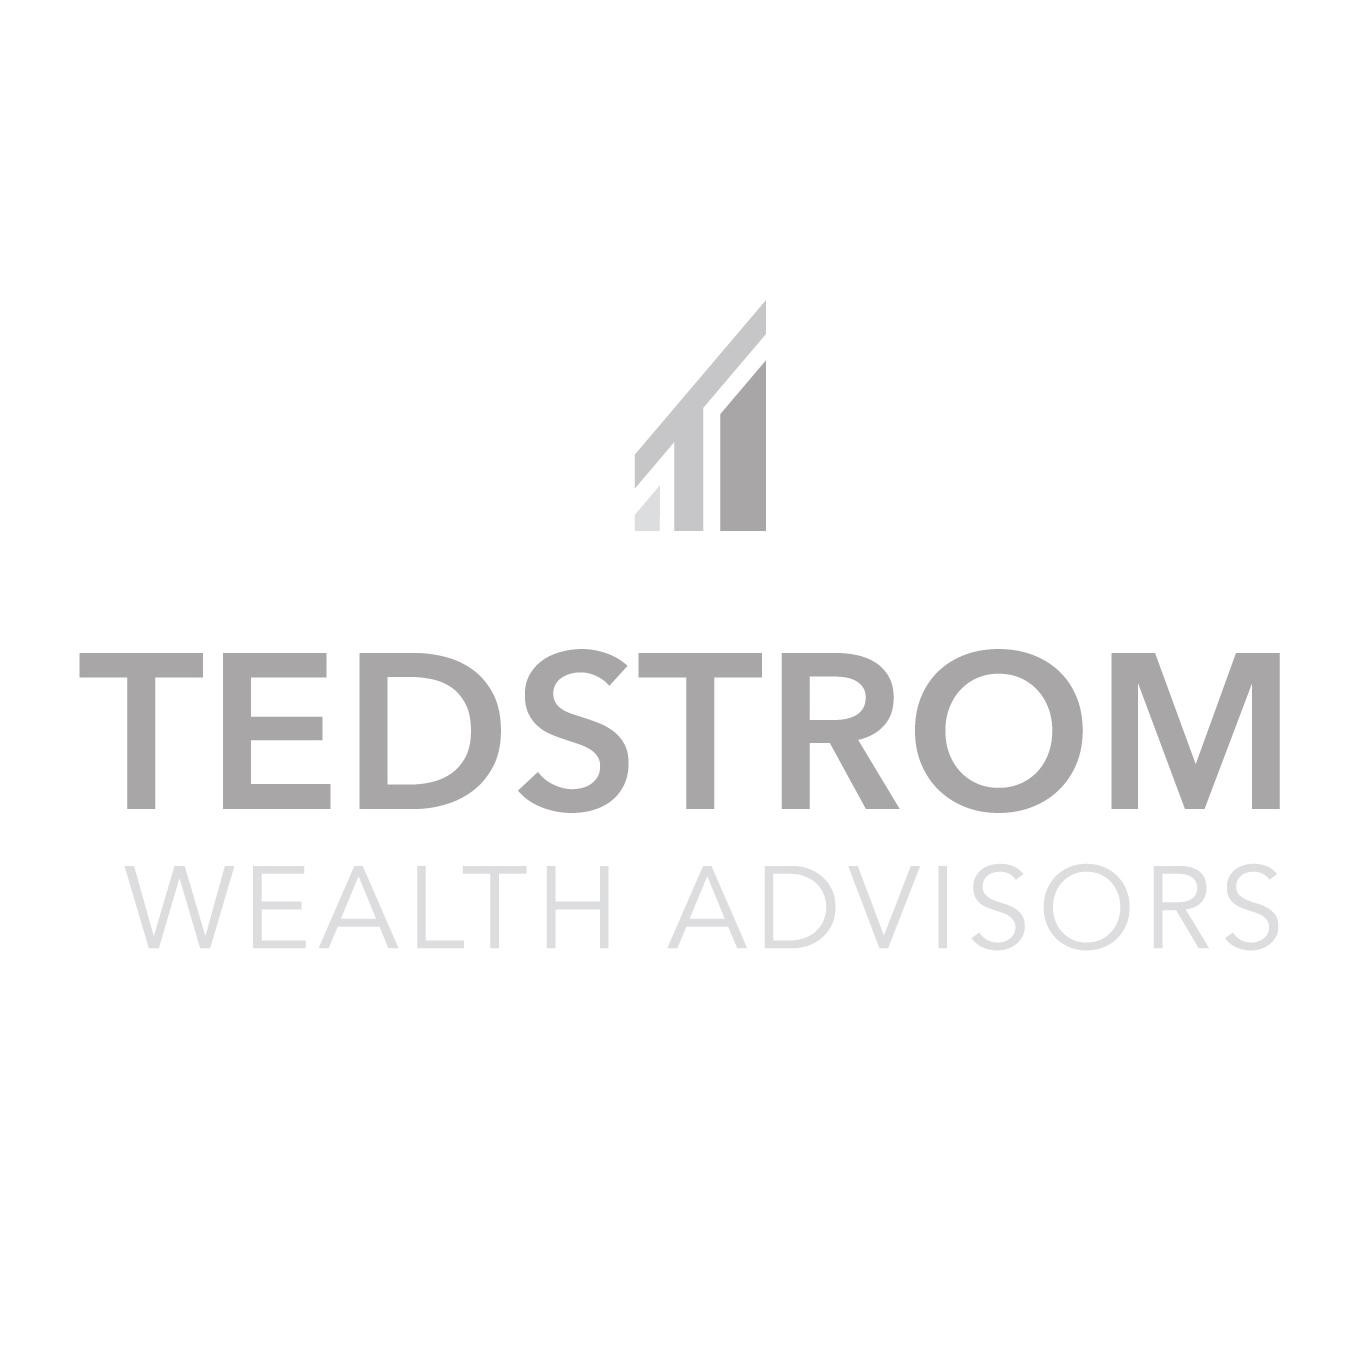 Tedstrom_Logo_gray-light-new.jpg